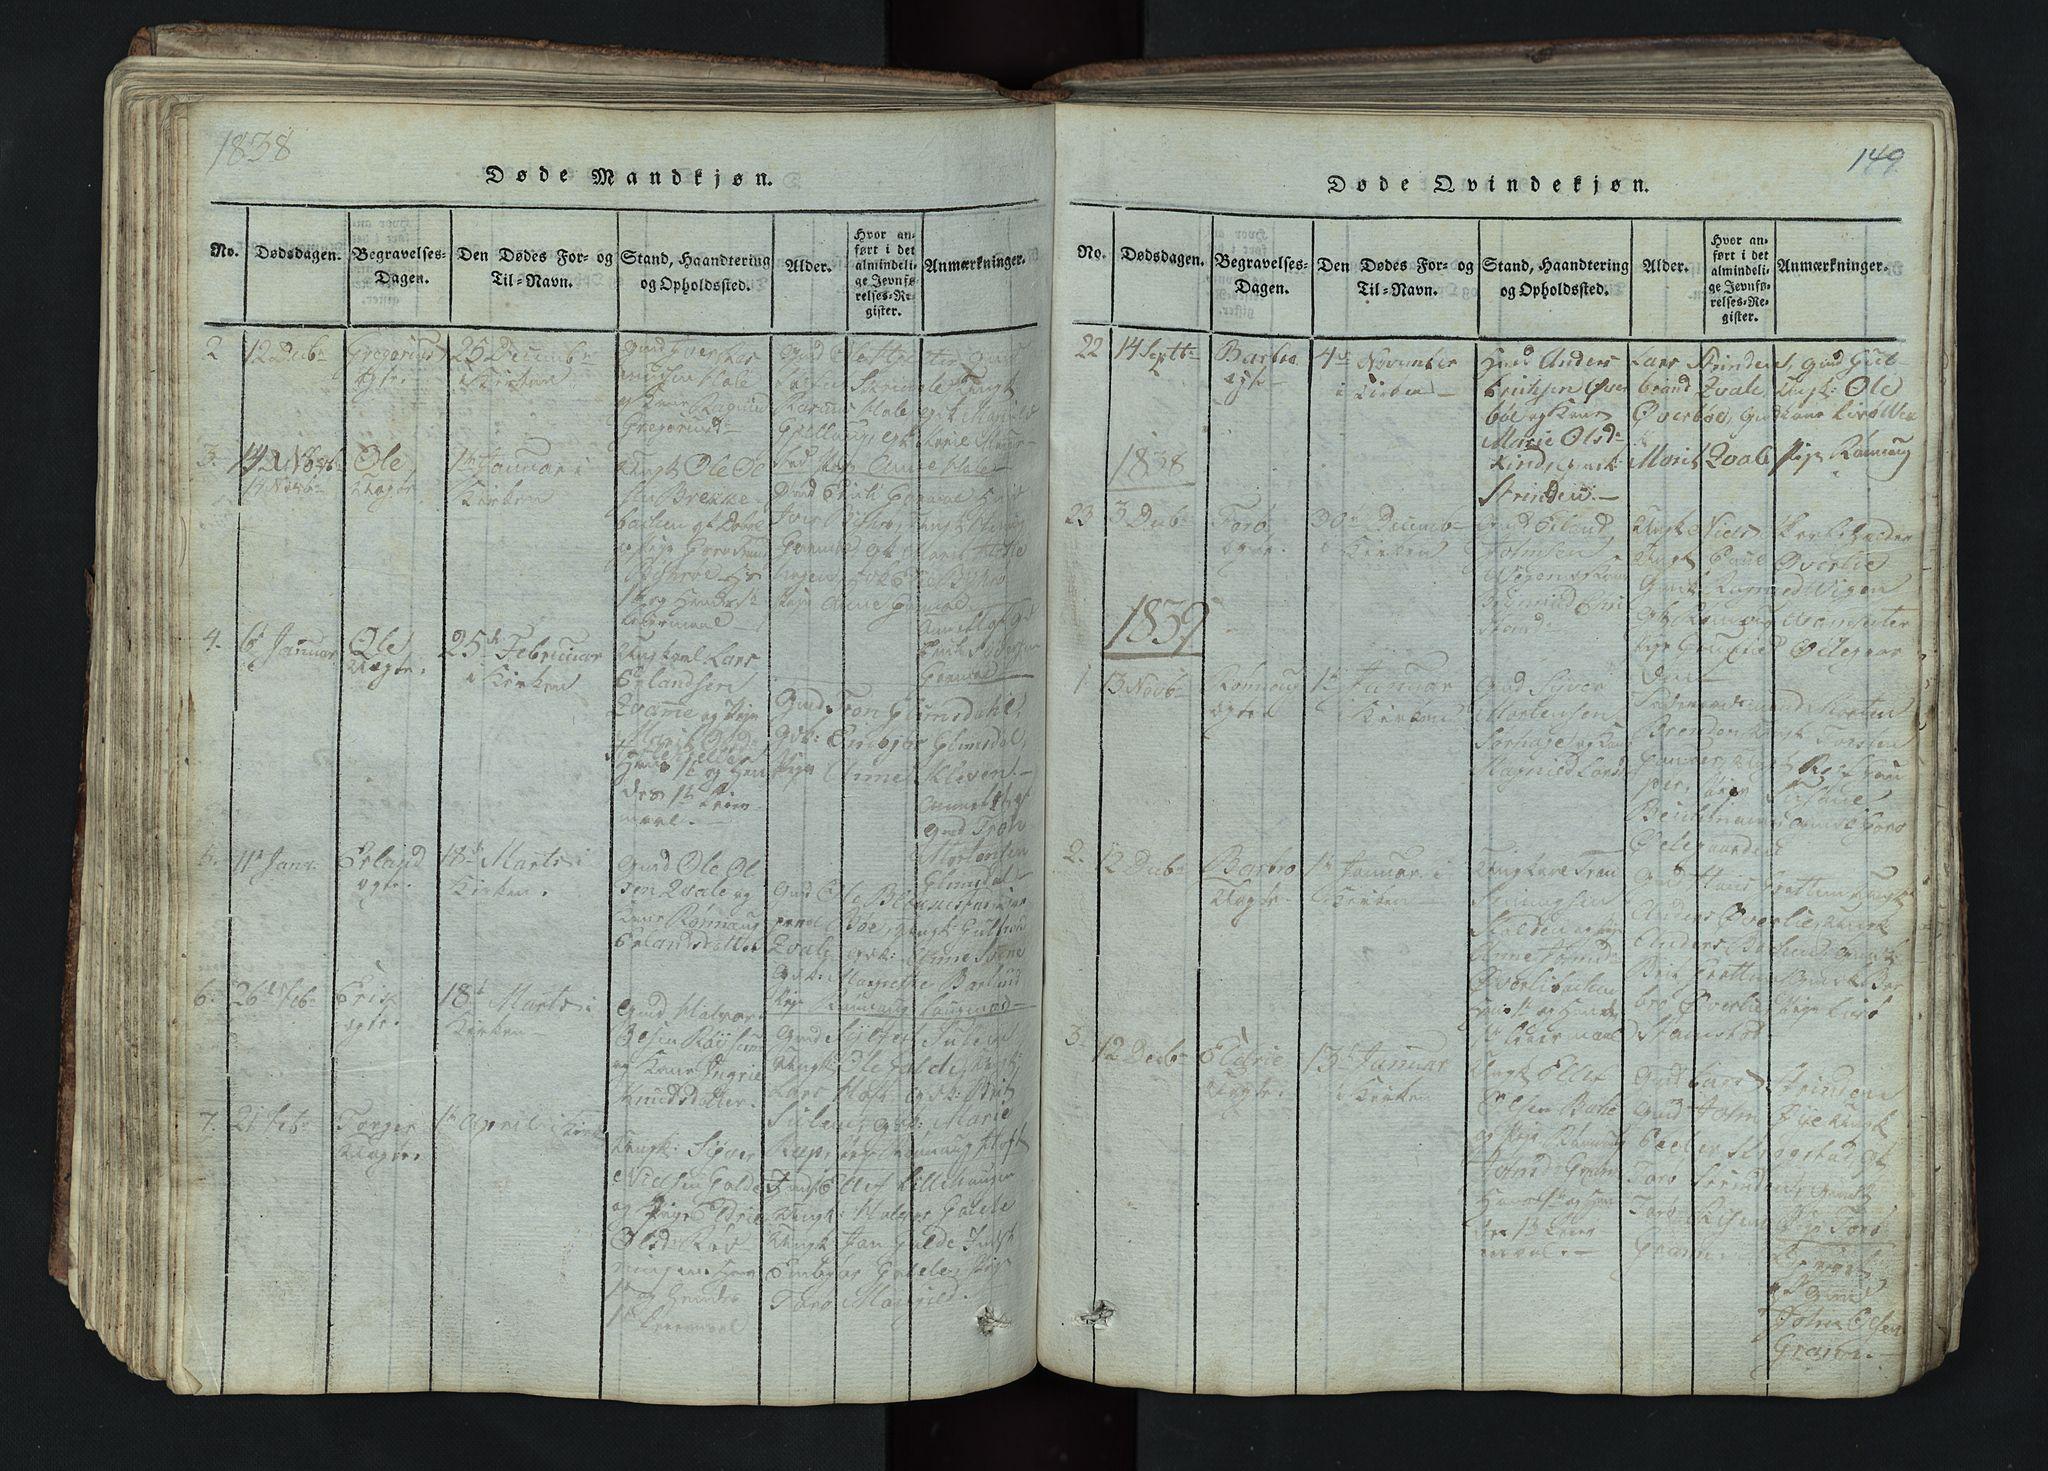 SAH, Lom prestekontor, L/L0002: Klokkerbok nr. 2, 1815-1844, s. 149